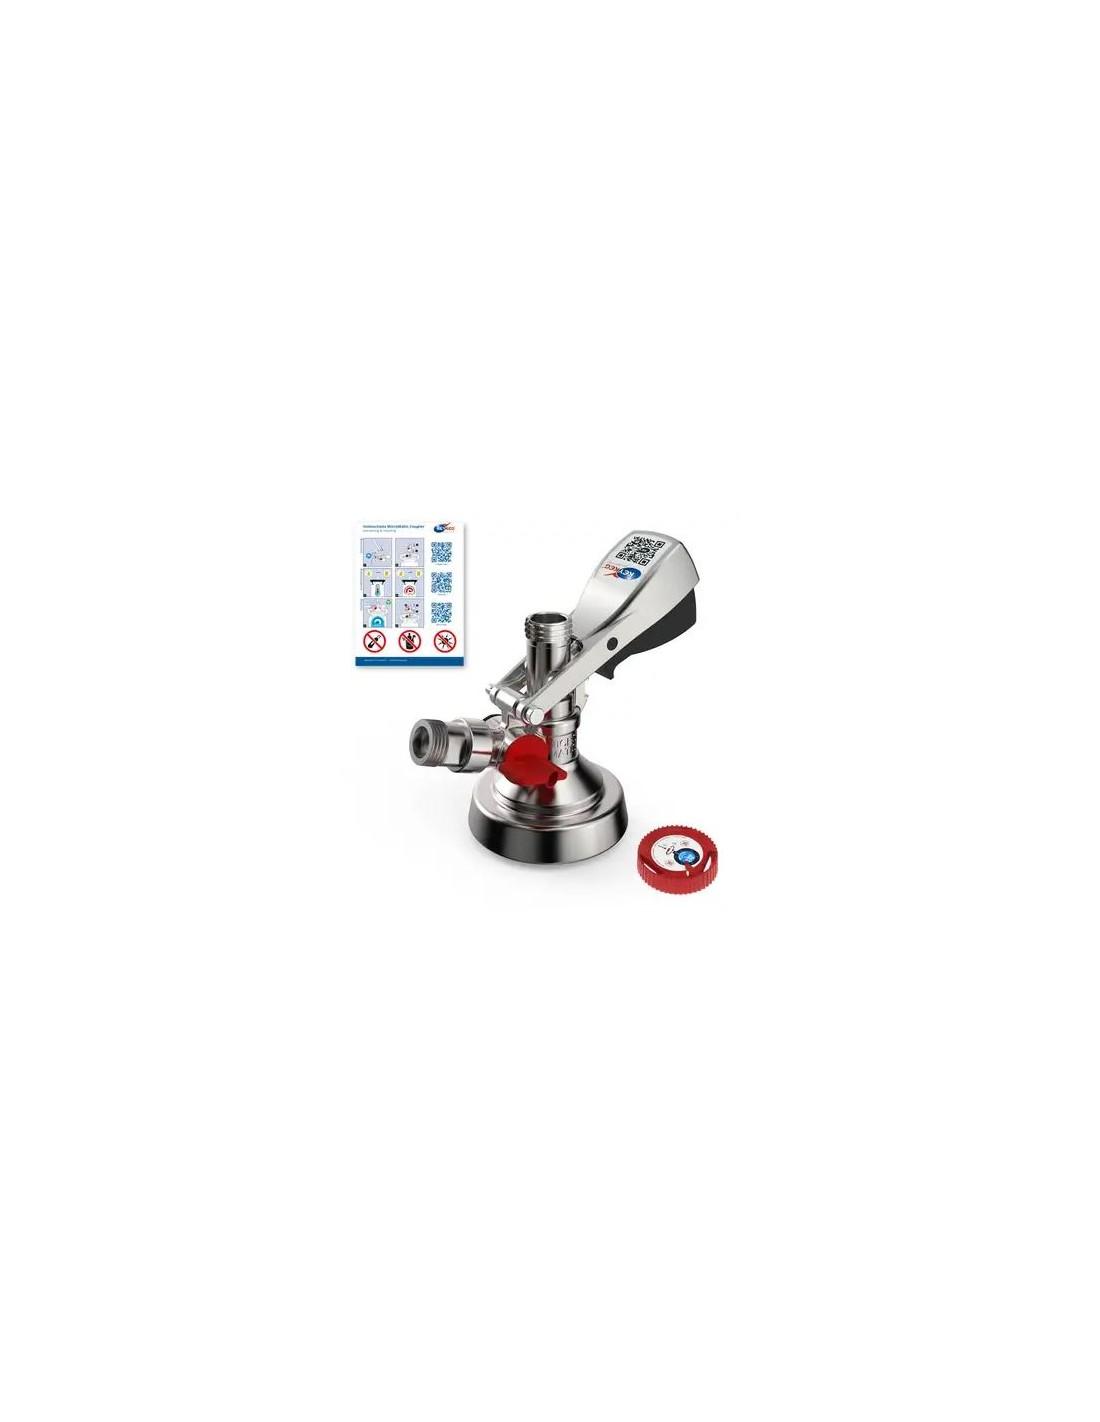 UPP00081 - Fatkoppling - Fatkoppling Typ-KeyKeg 1/2 med inbyggt vred för tömning